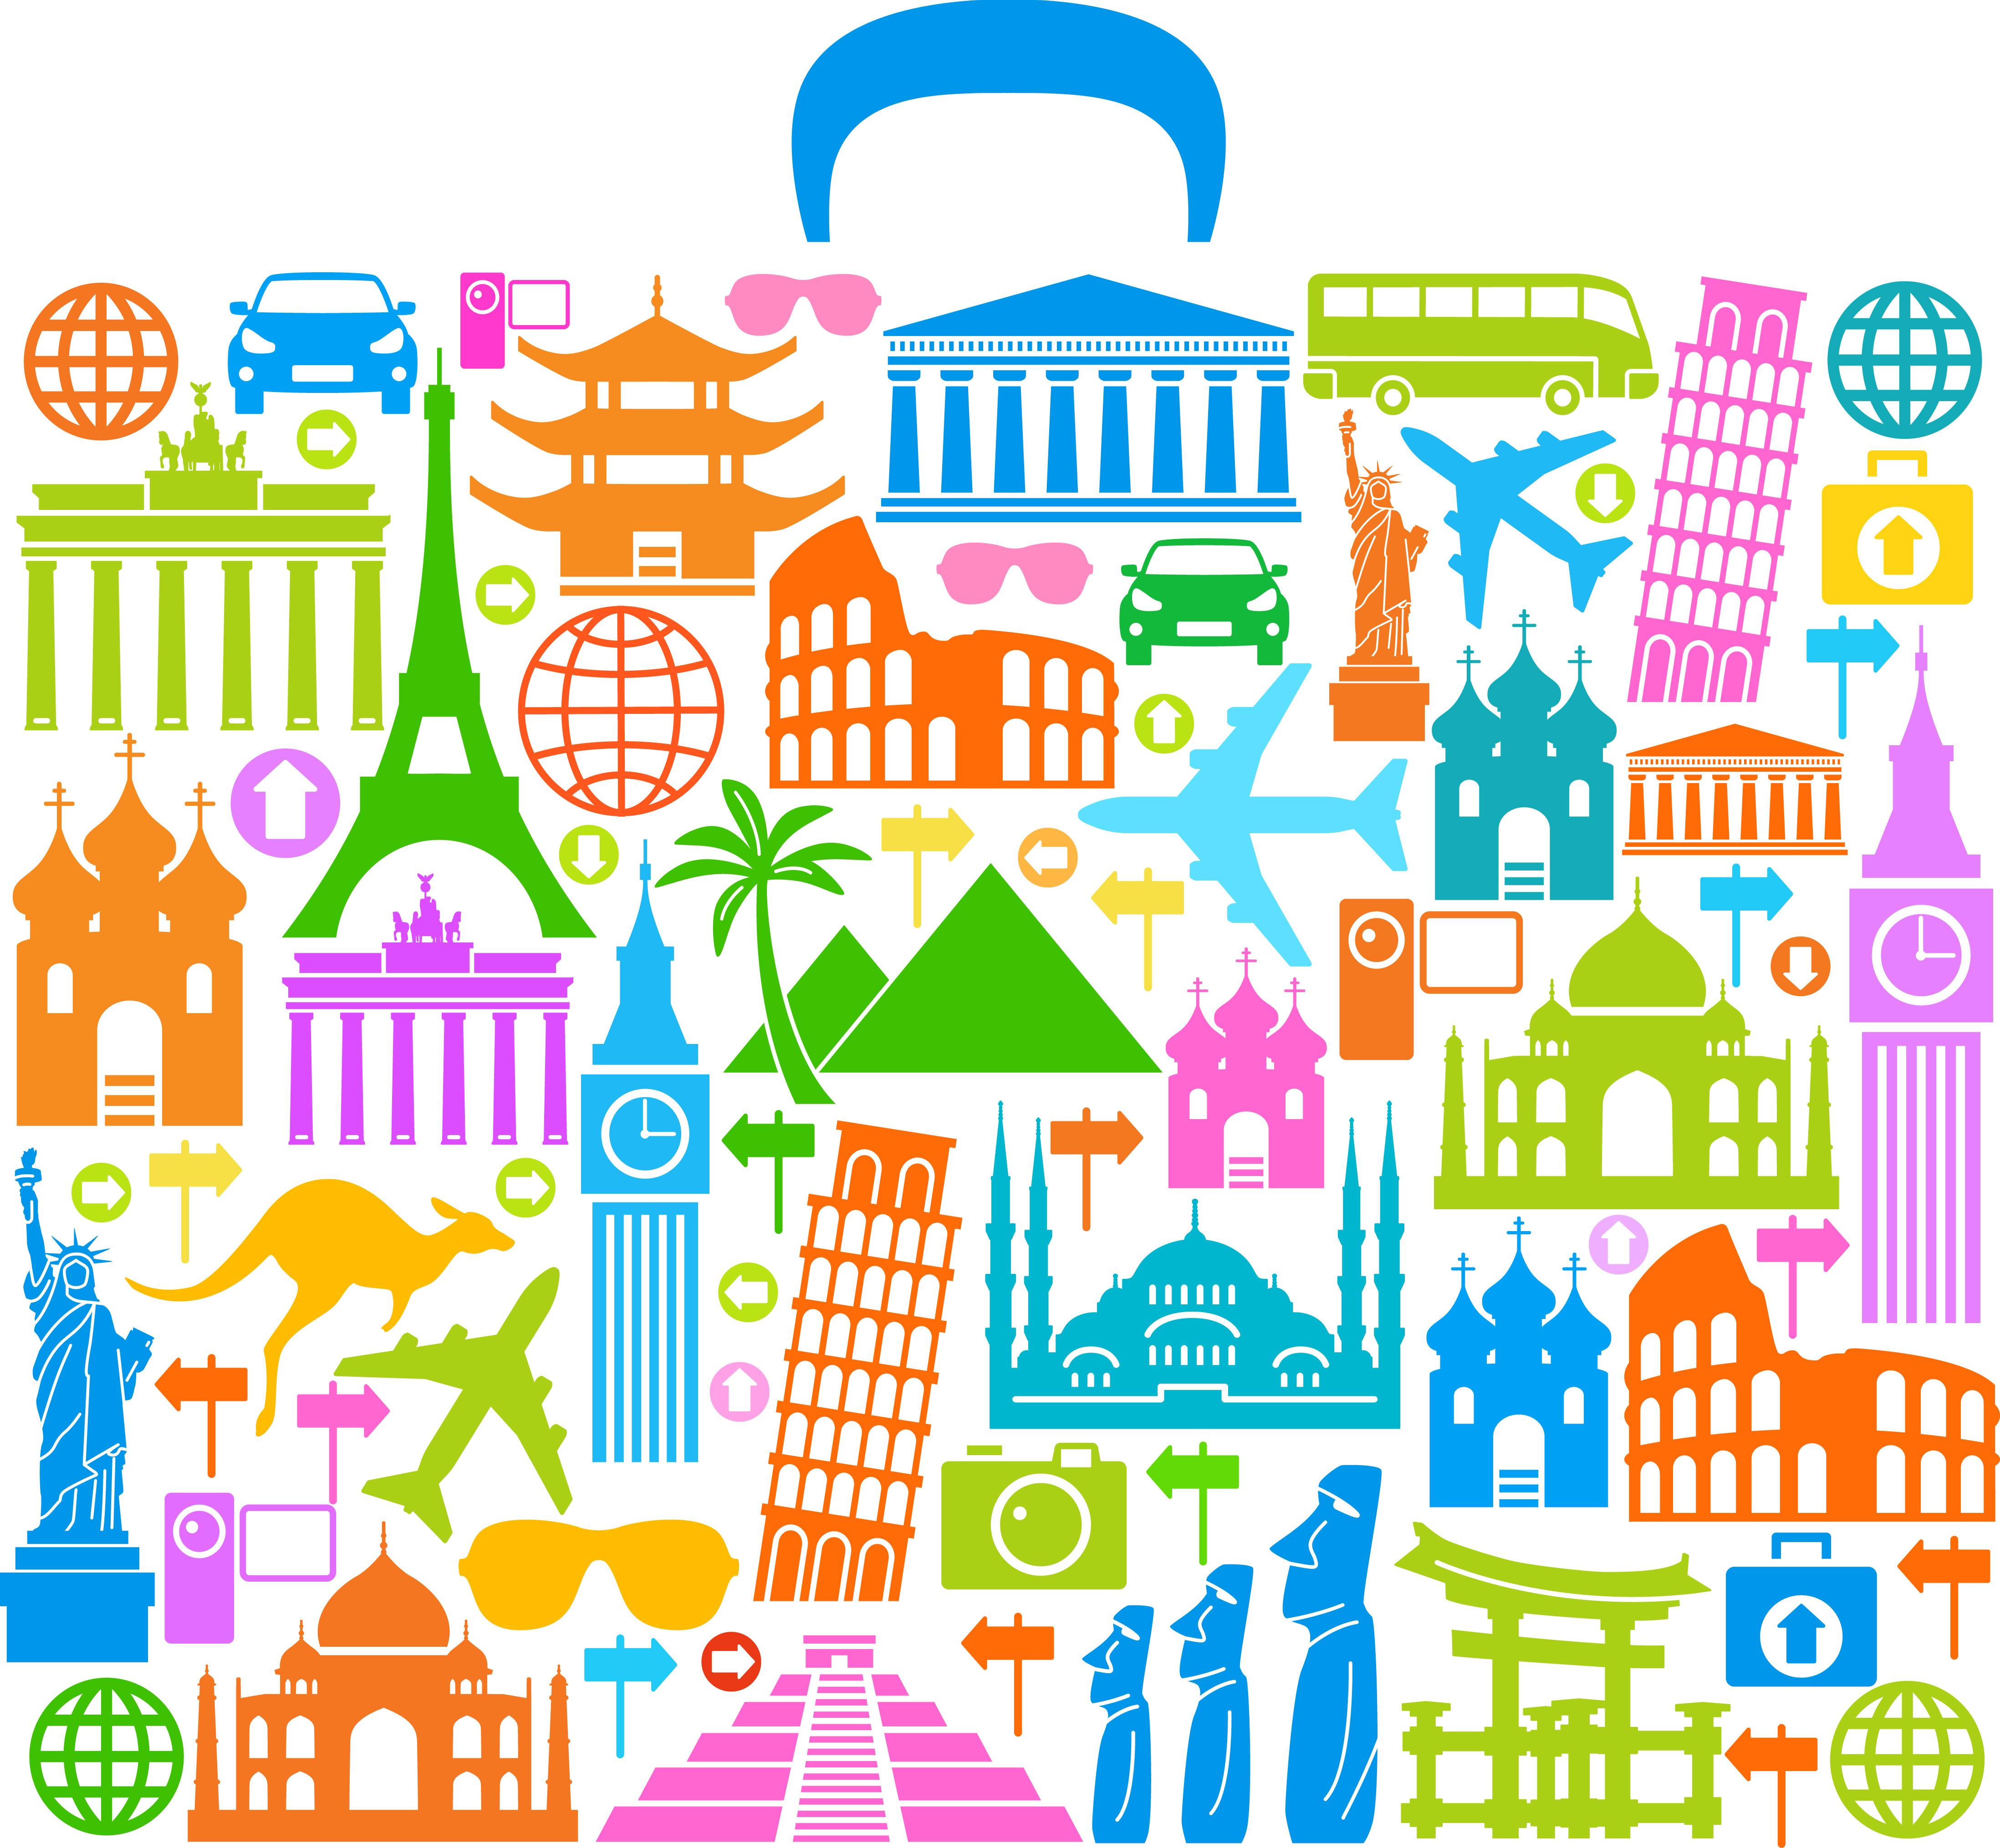 suitcase icon.jpg